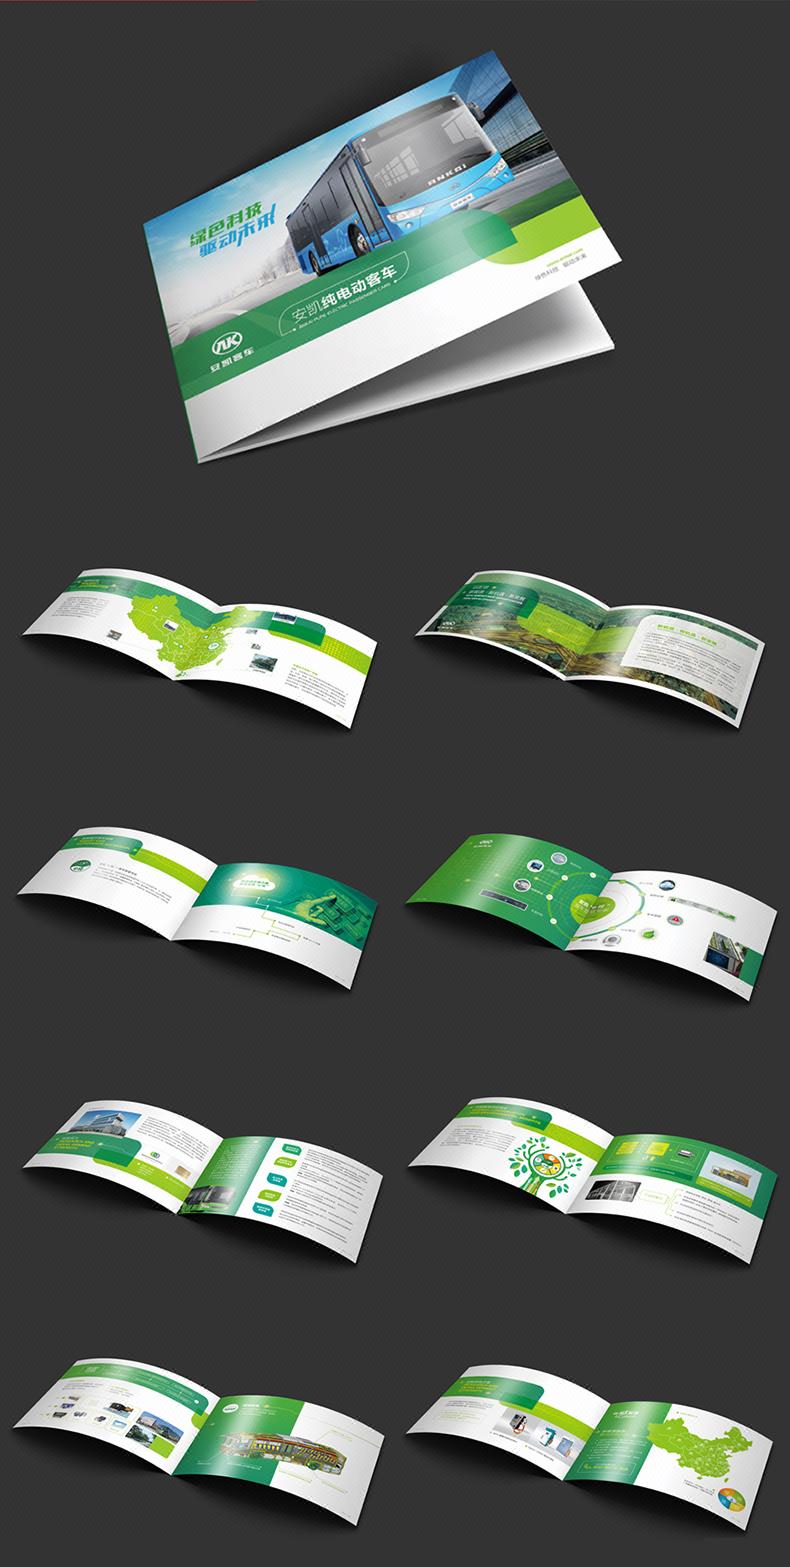 宣传册宣传单宣传折页海报设计公司企业画册设计广告活动手册产品